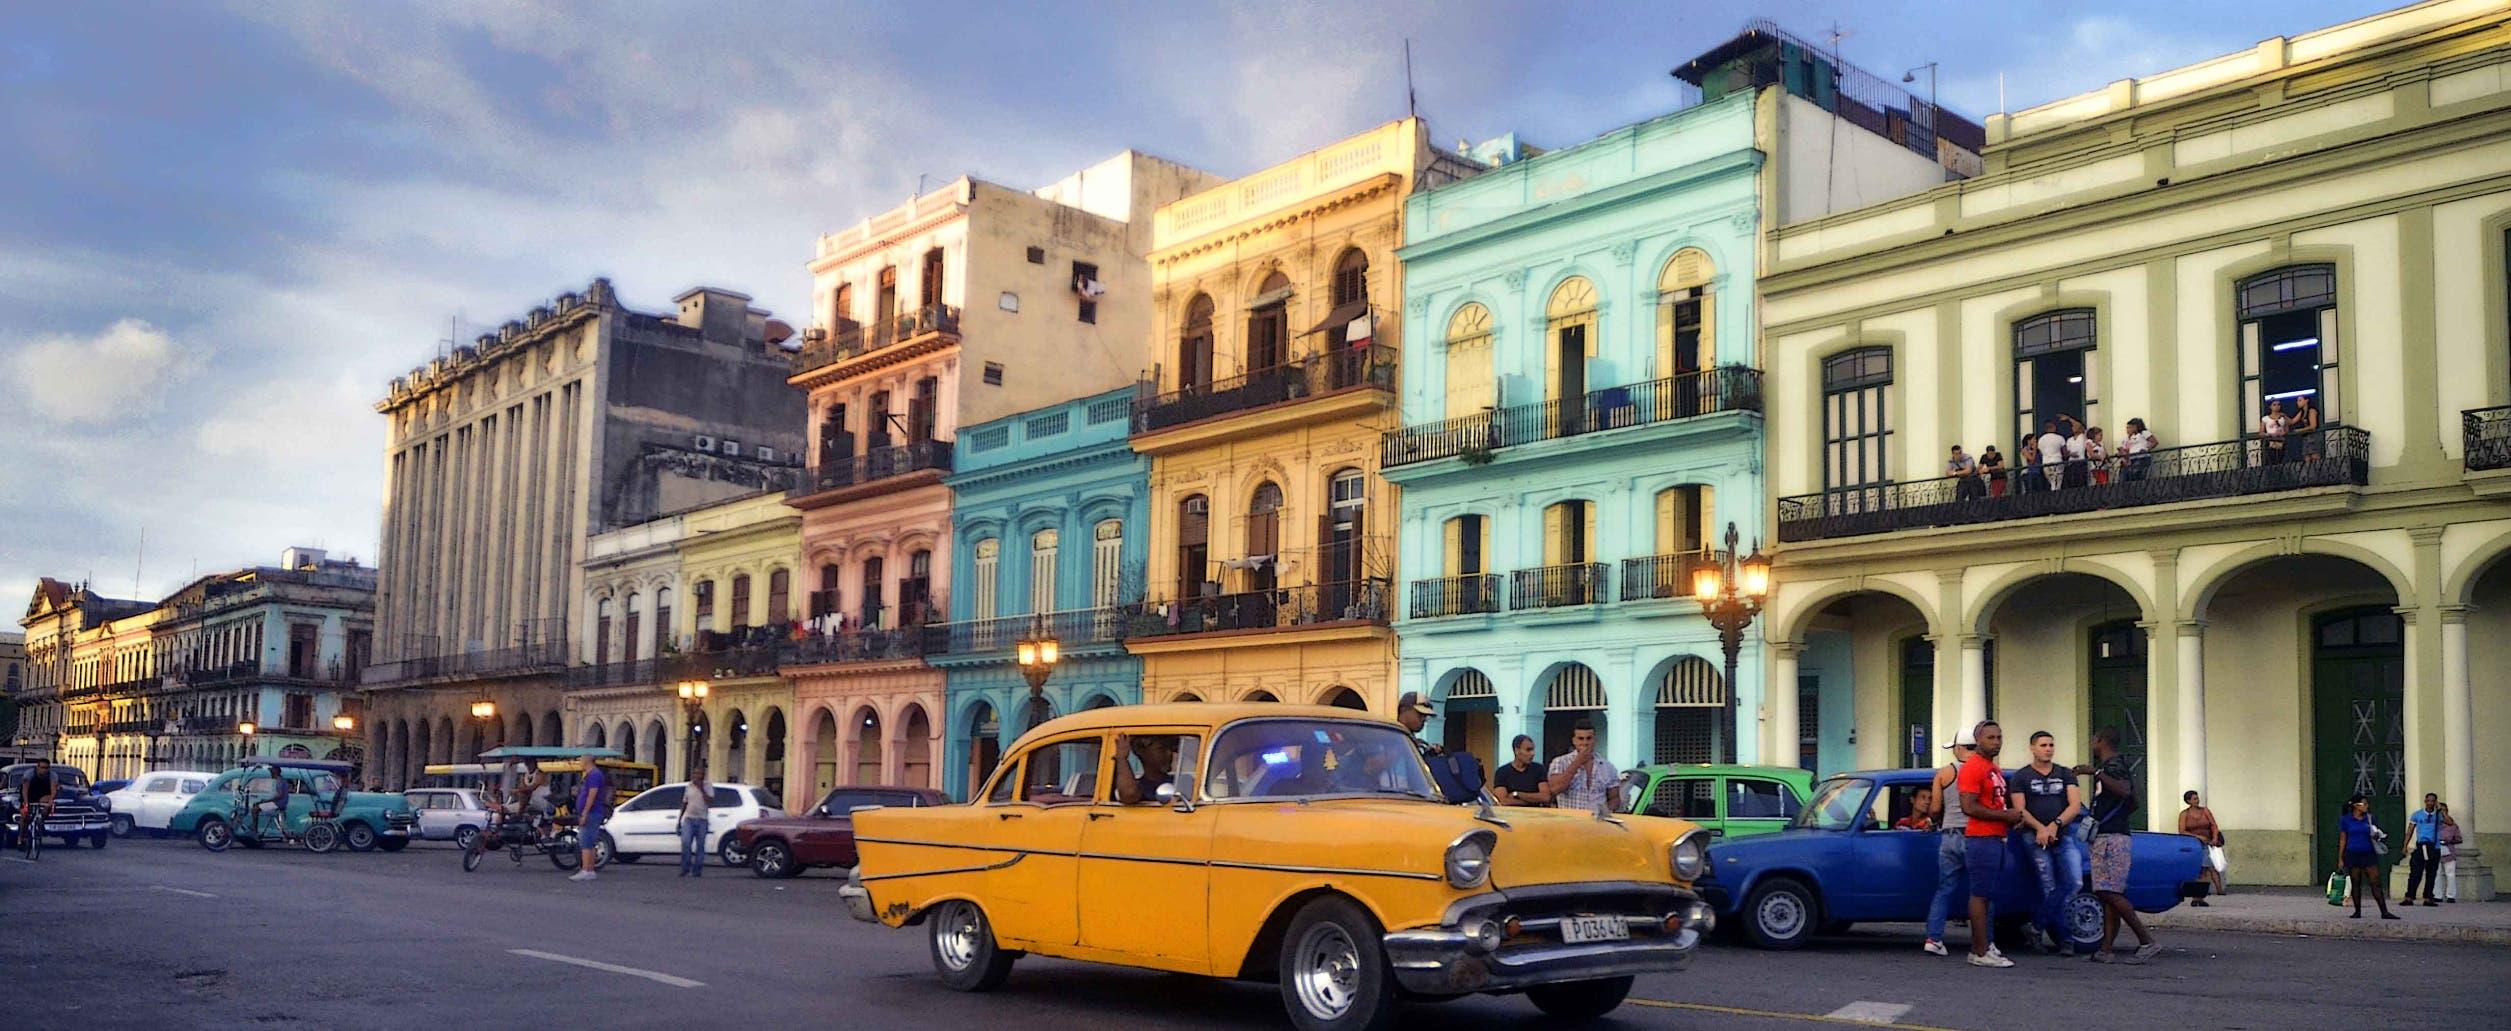 """Están recuperando el patrimonio cultural """"dentro de la realidad de Cuba""""."""